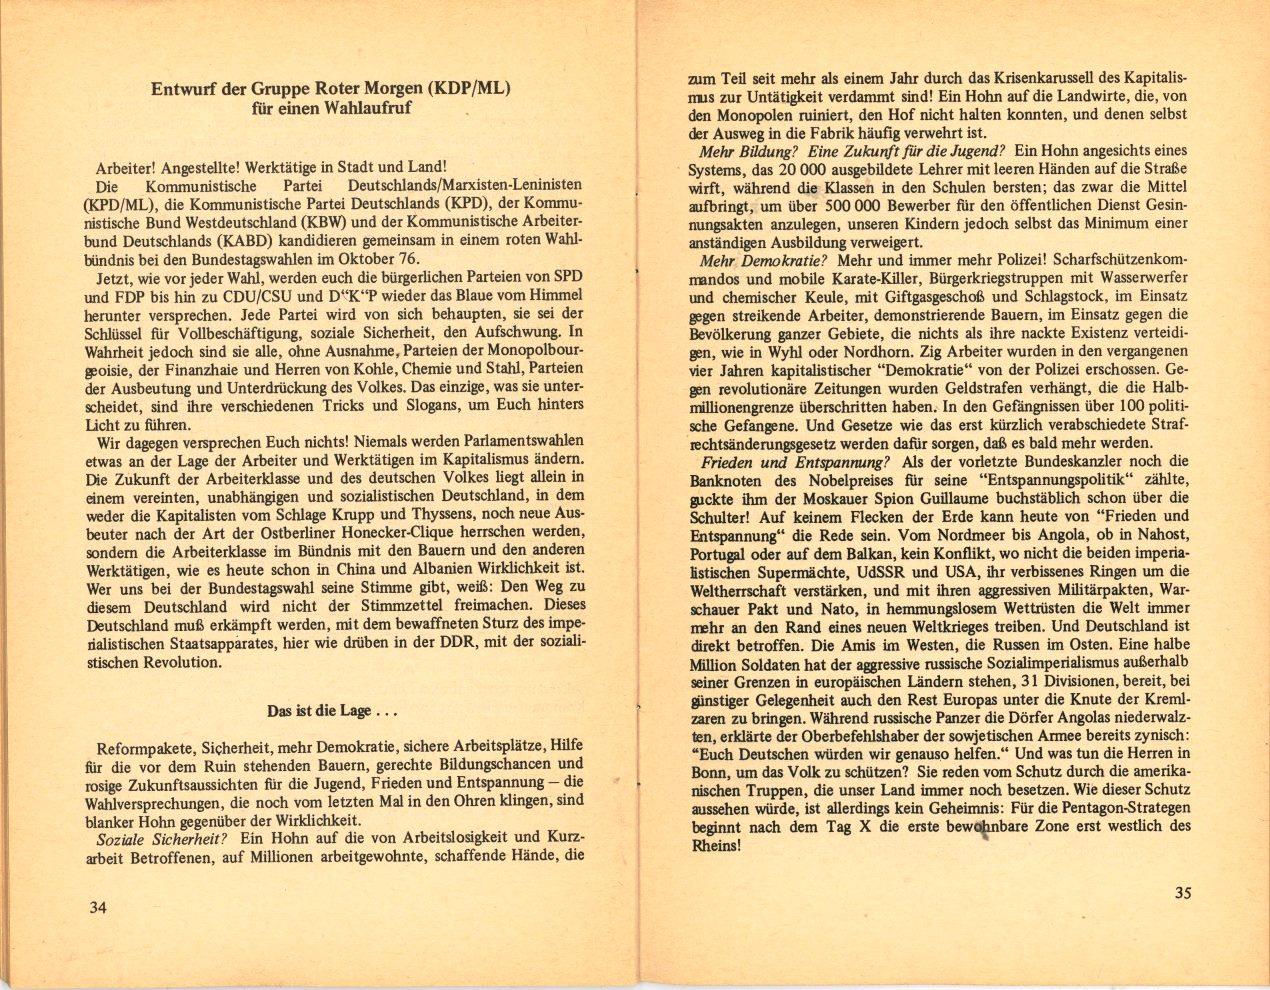 KBW_Materialien_zur_Auseinandersetzung_in_der_mlB_1976_19